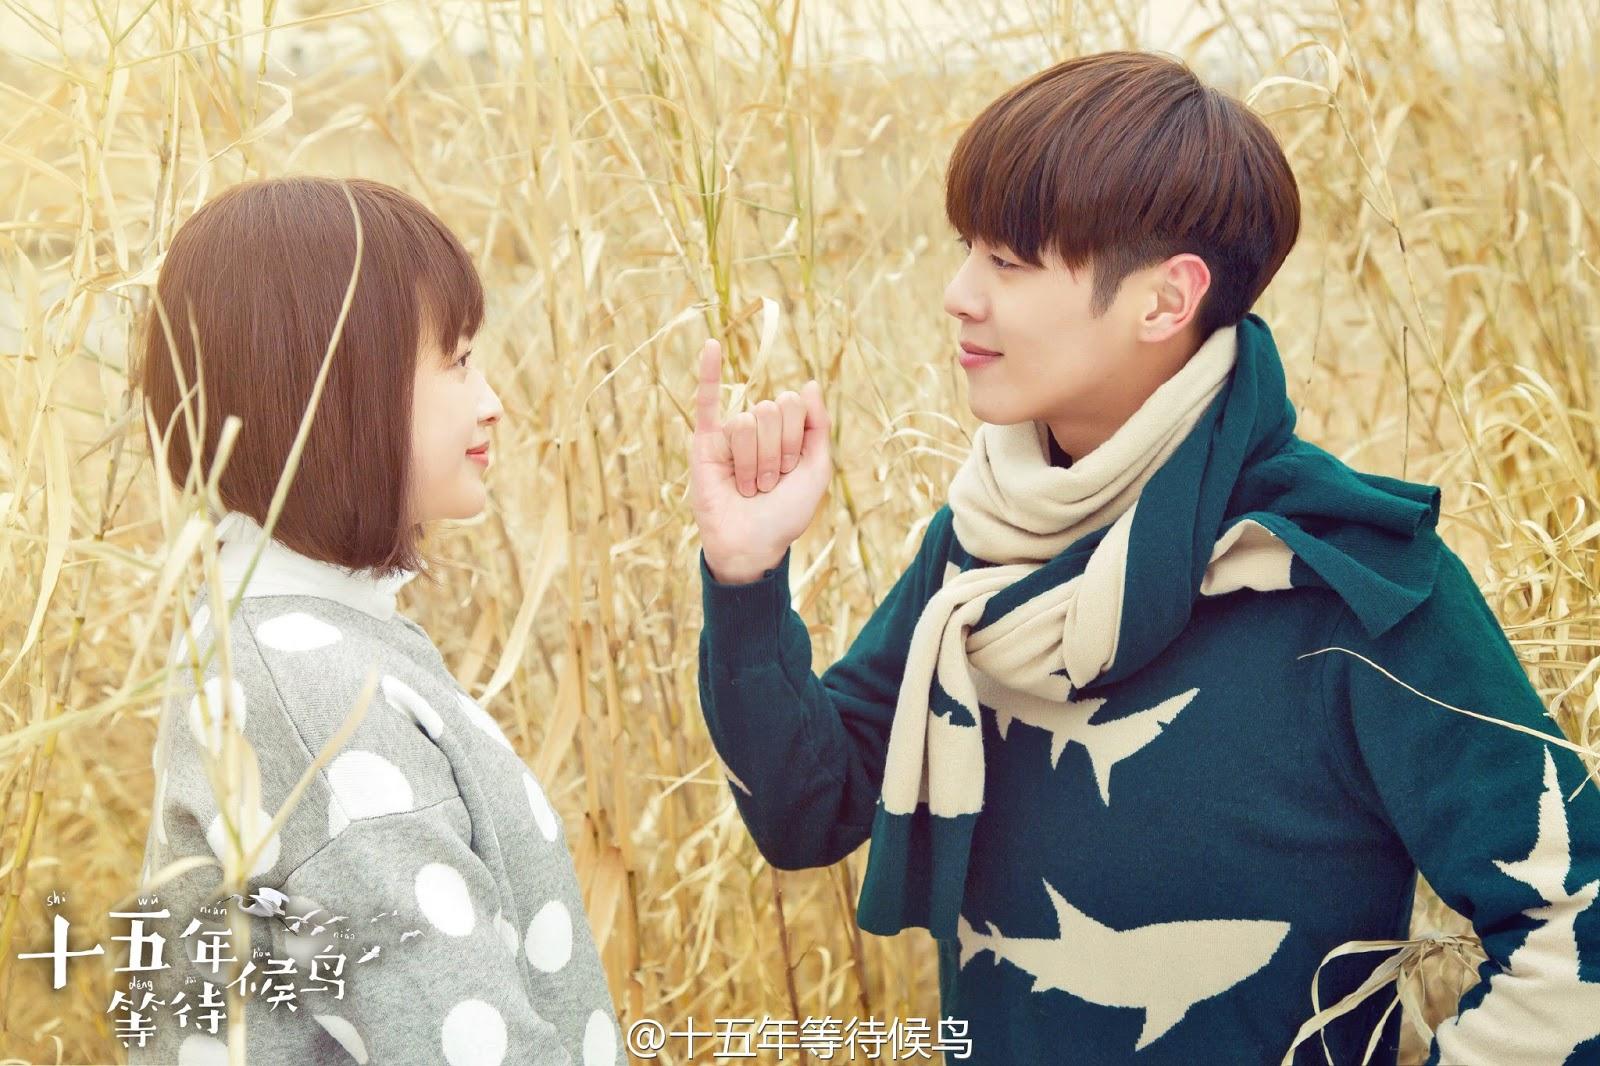 Phim kể về bước chân của Lê Li khi mới vào sơ trung (cấp 2) đã cảm nắng cậu thiếu niên điển trai, phóng khoáng Bùi Thượng Hiên. Trong mắt cô gái, ...